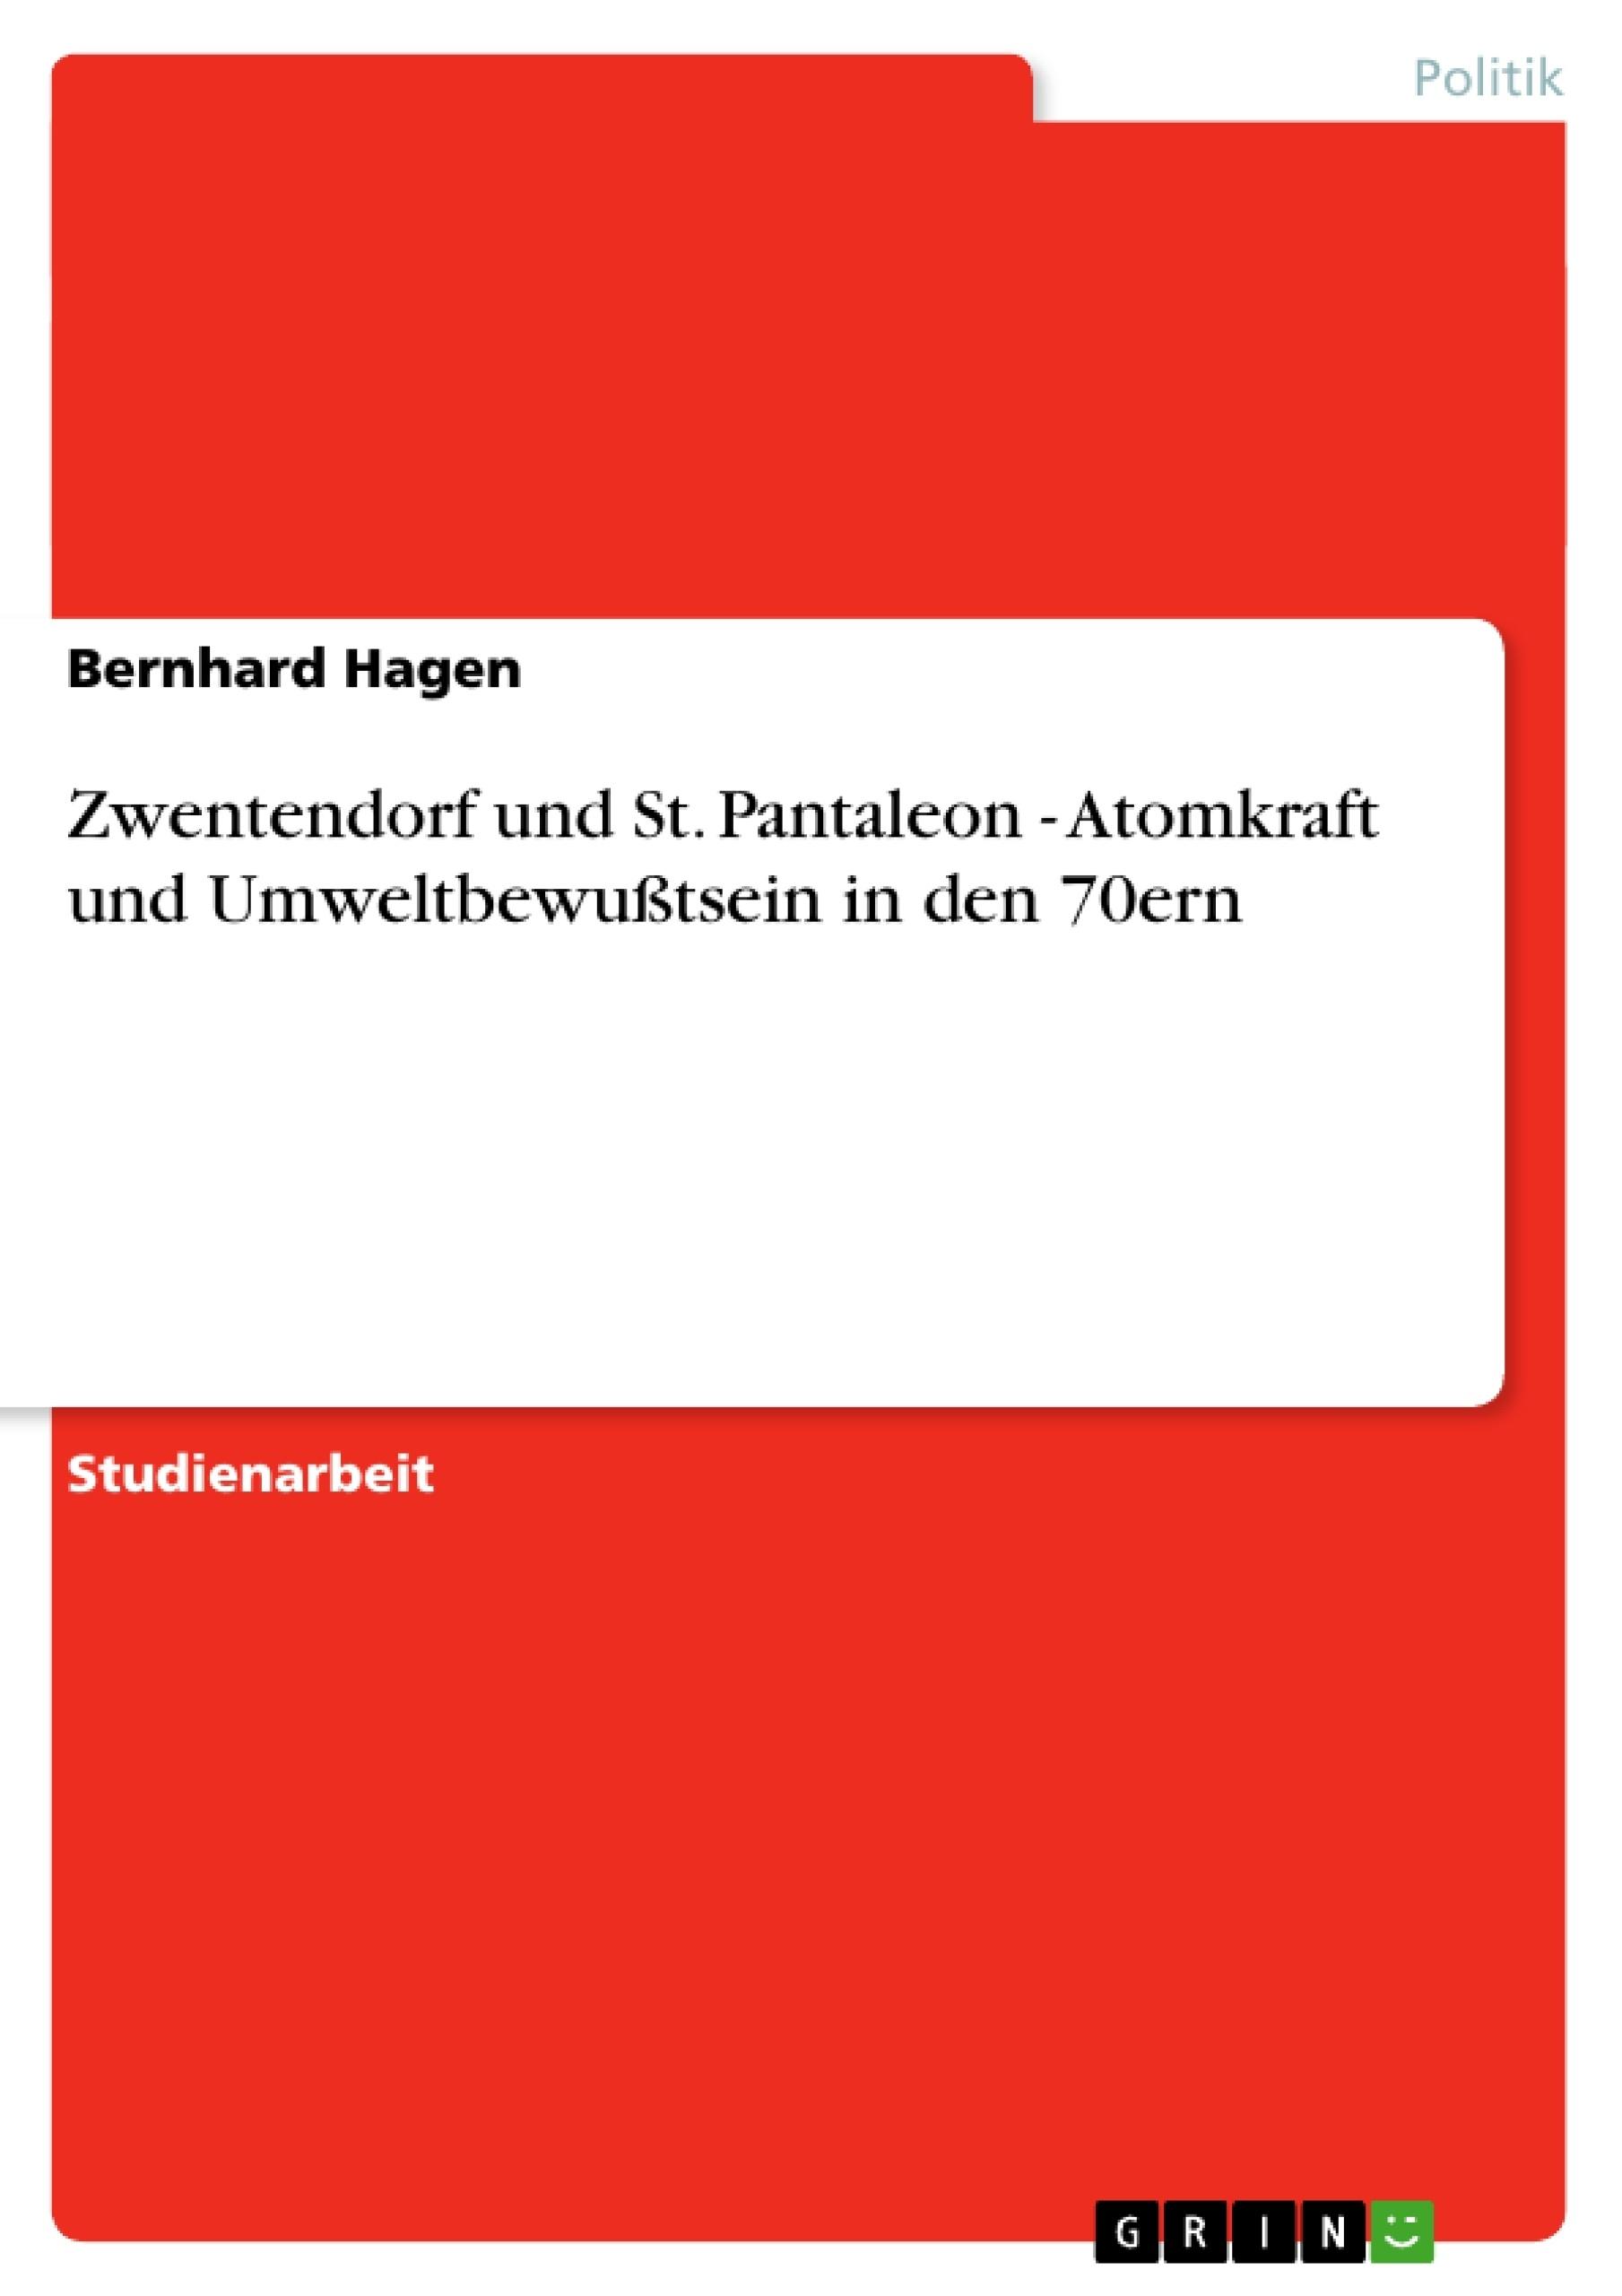 Titel: Zwentendorf und St. Pantaleon - Atomkraft und Umweltbewußtsein in den 70ern